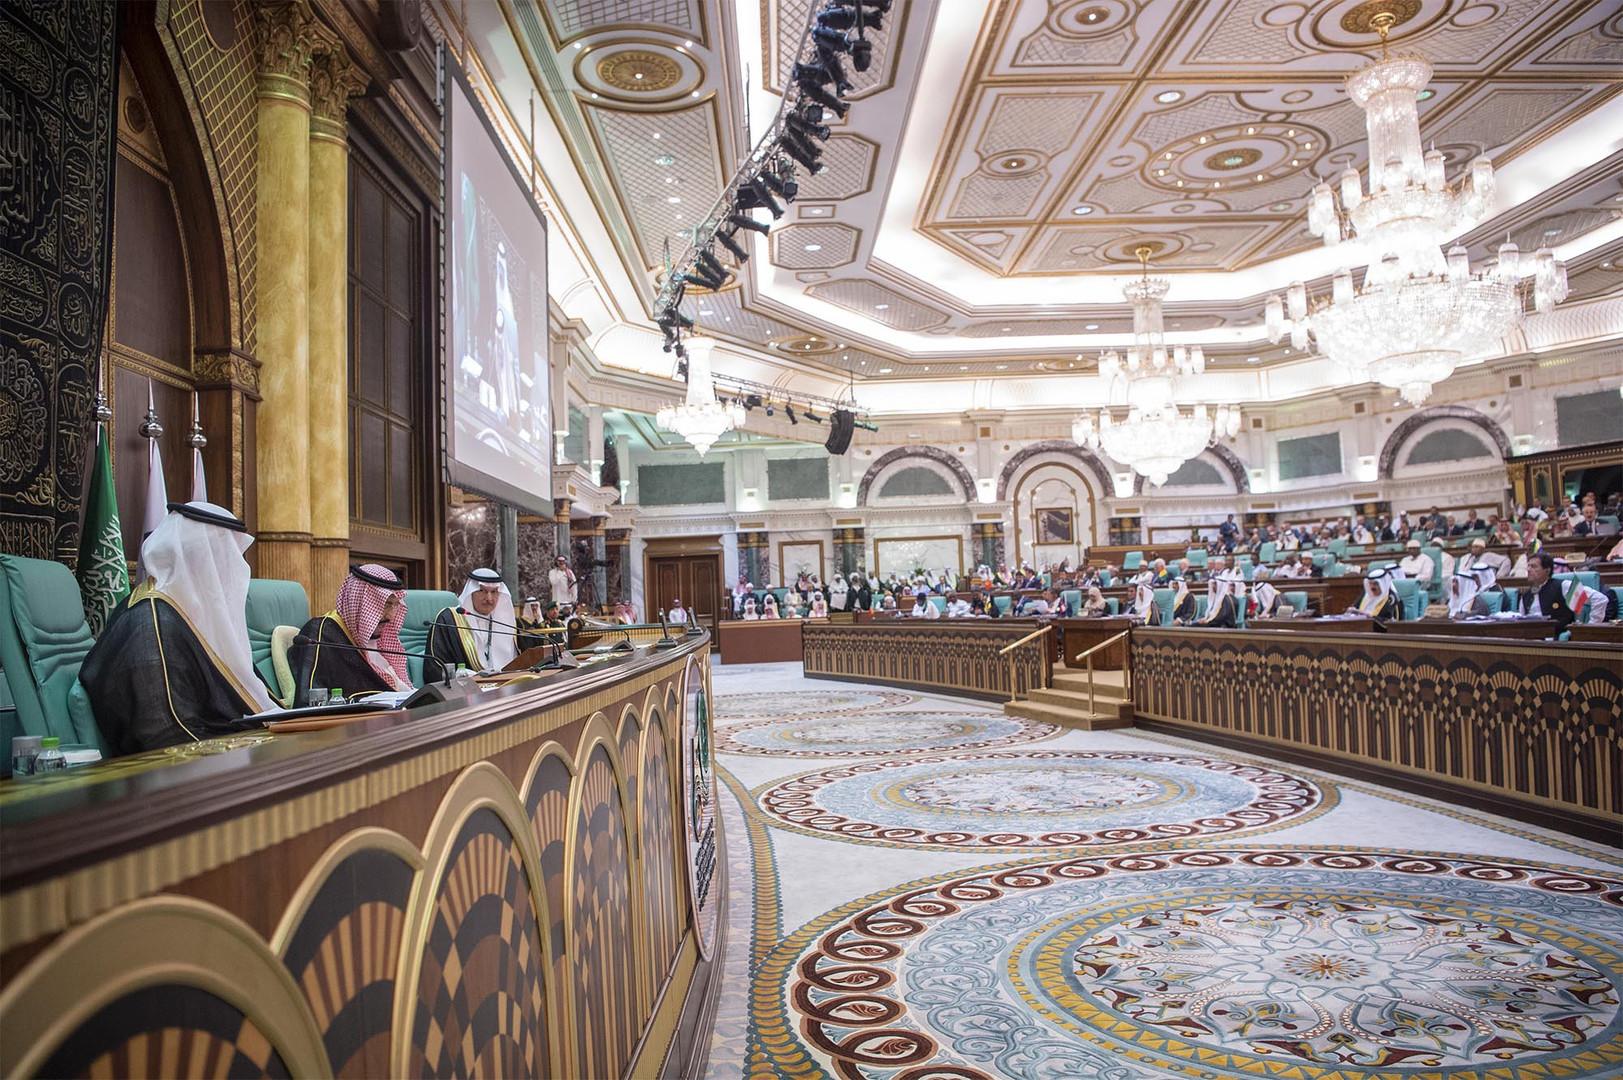 السعودية والإمارات والبحرين تنتقد قطر بشدة بعد تحفظها على بياني القمتين العربية والخليجية!